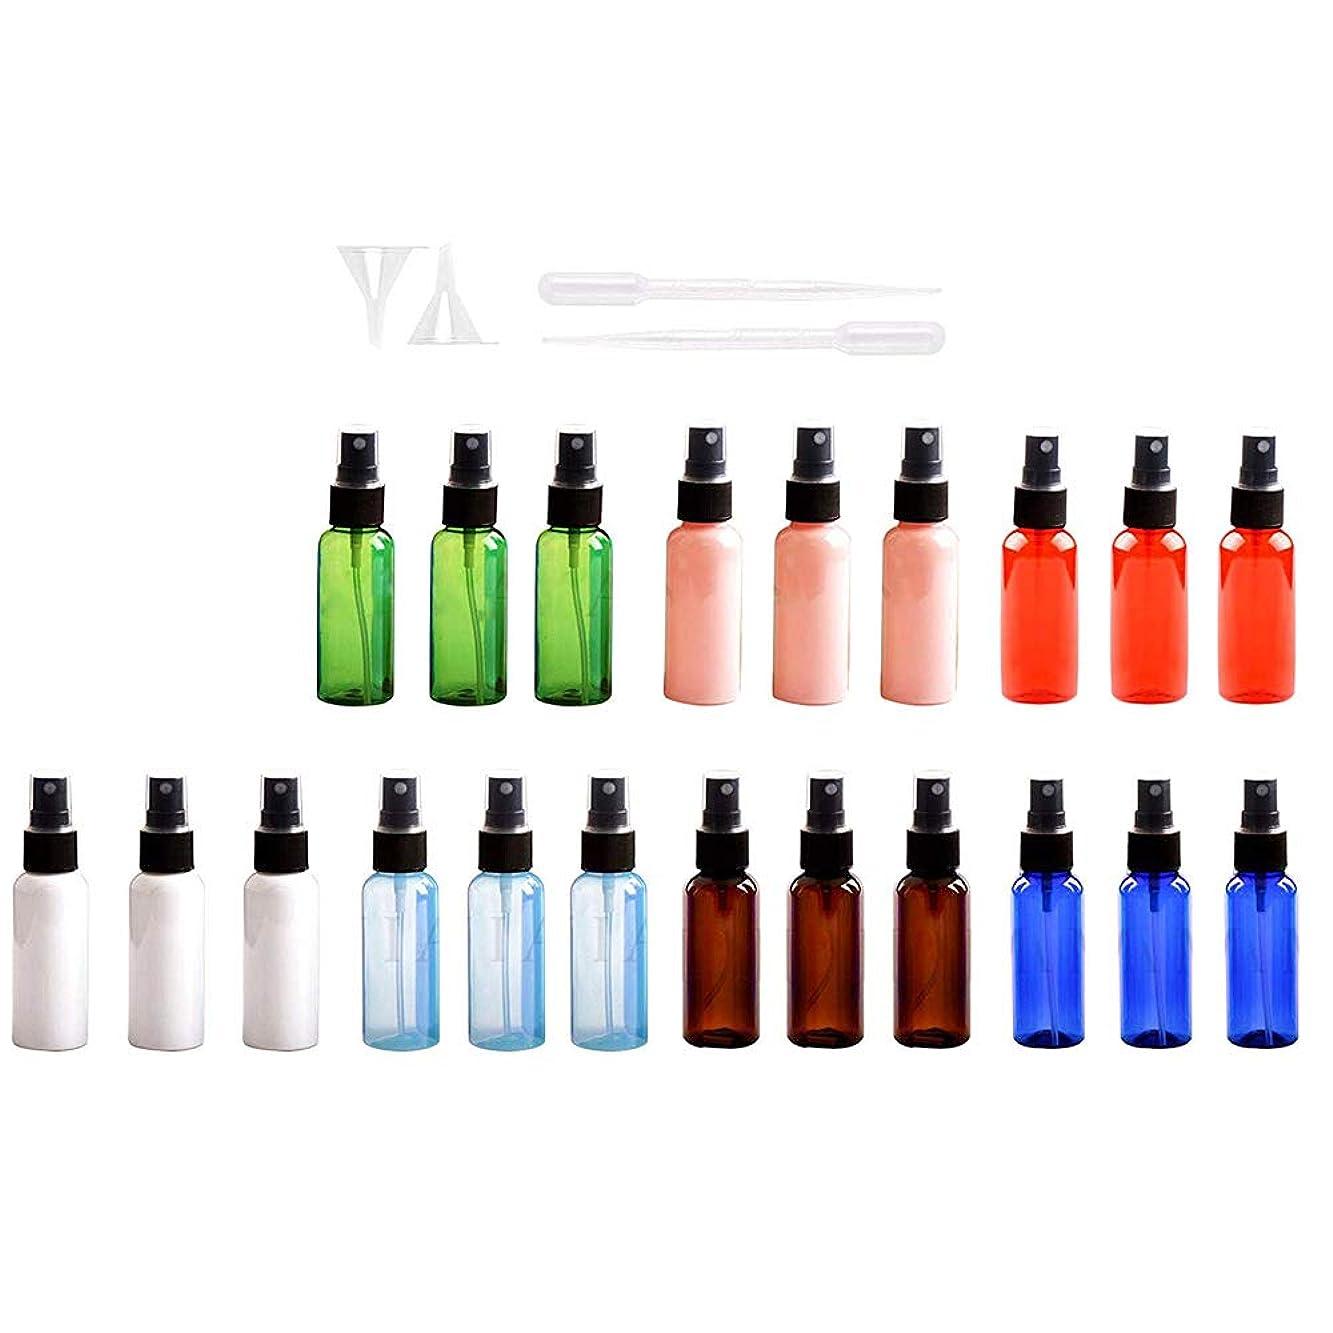 複雑ずっとのみスプレーボトル 21本セット 詰替ボトル 遮光 空容器 霧吹き30ML 遮光瓶スプレーキャップ付 プラスチック製